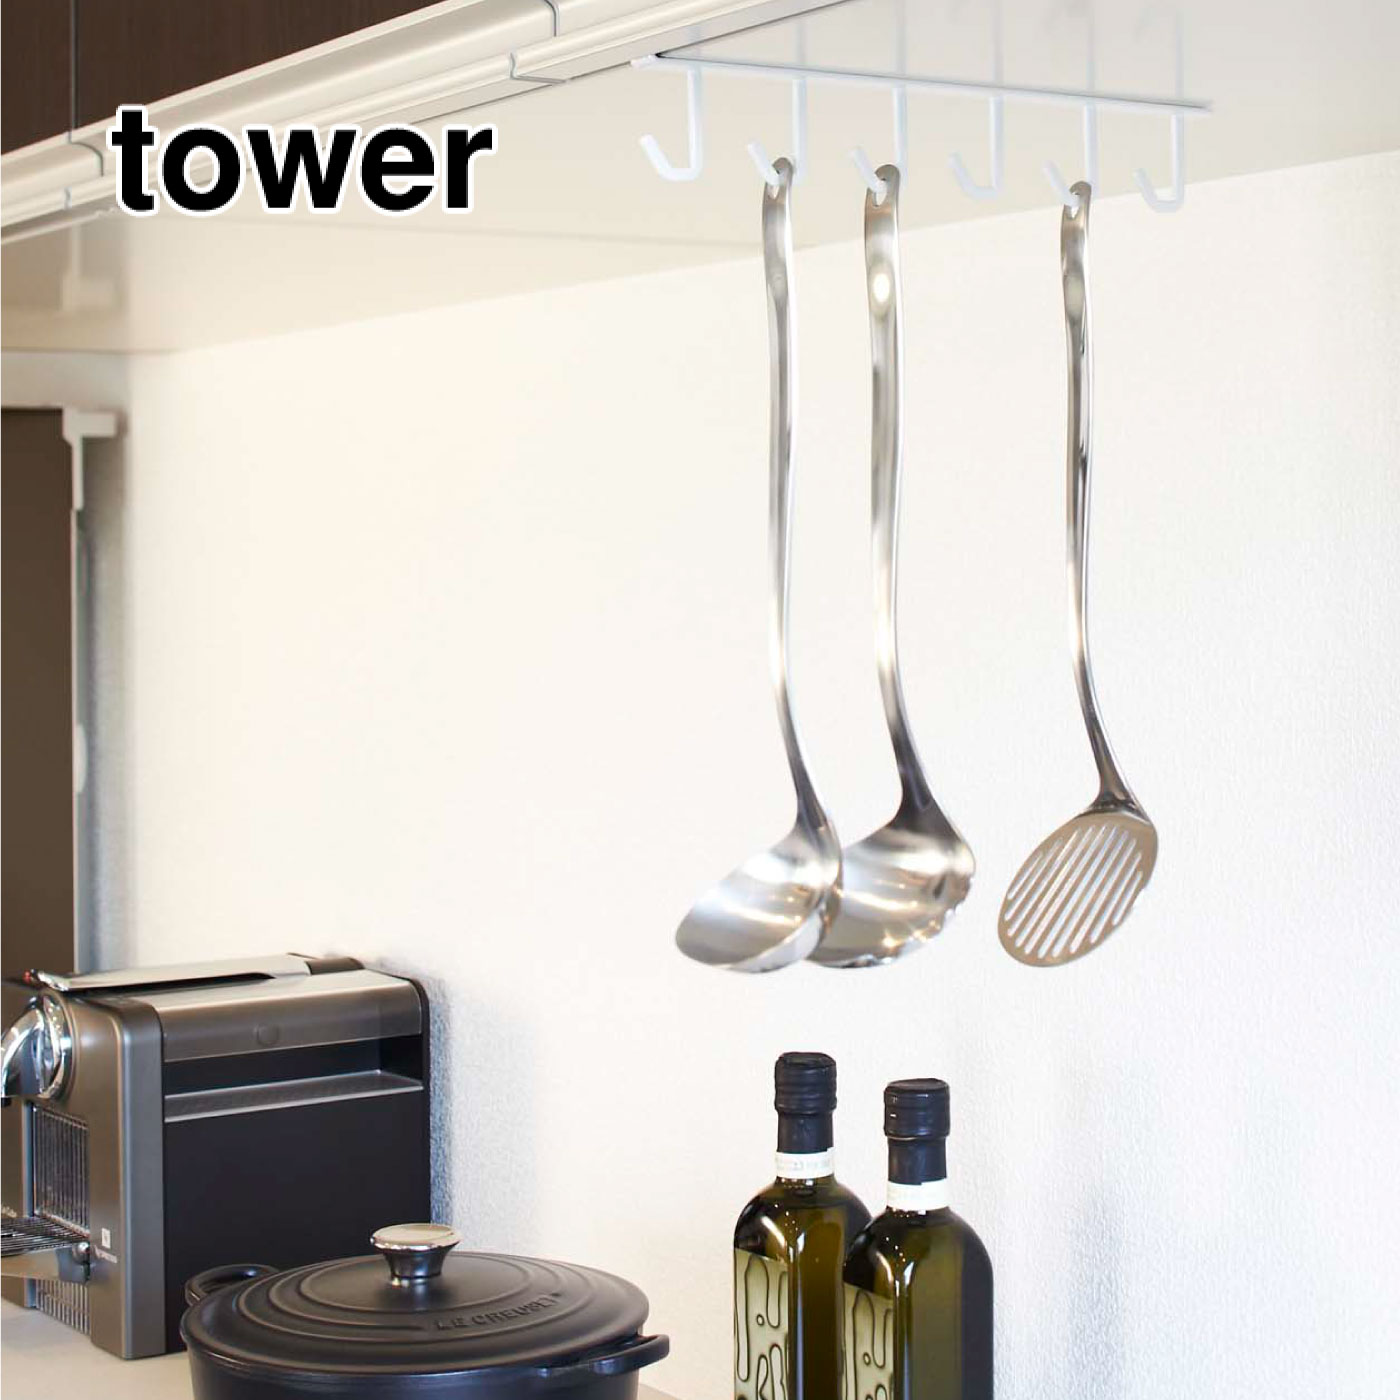 tower 戸棚下キッチンツールフック